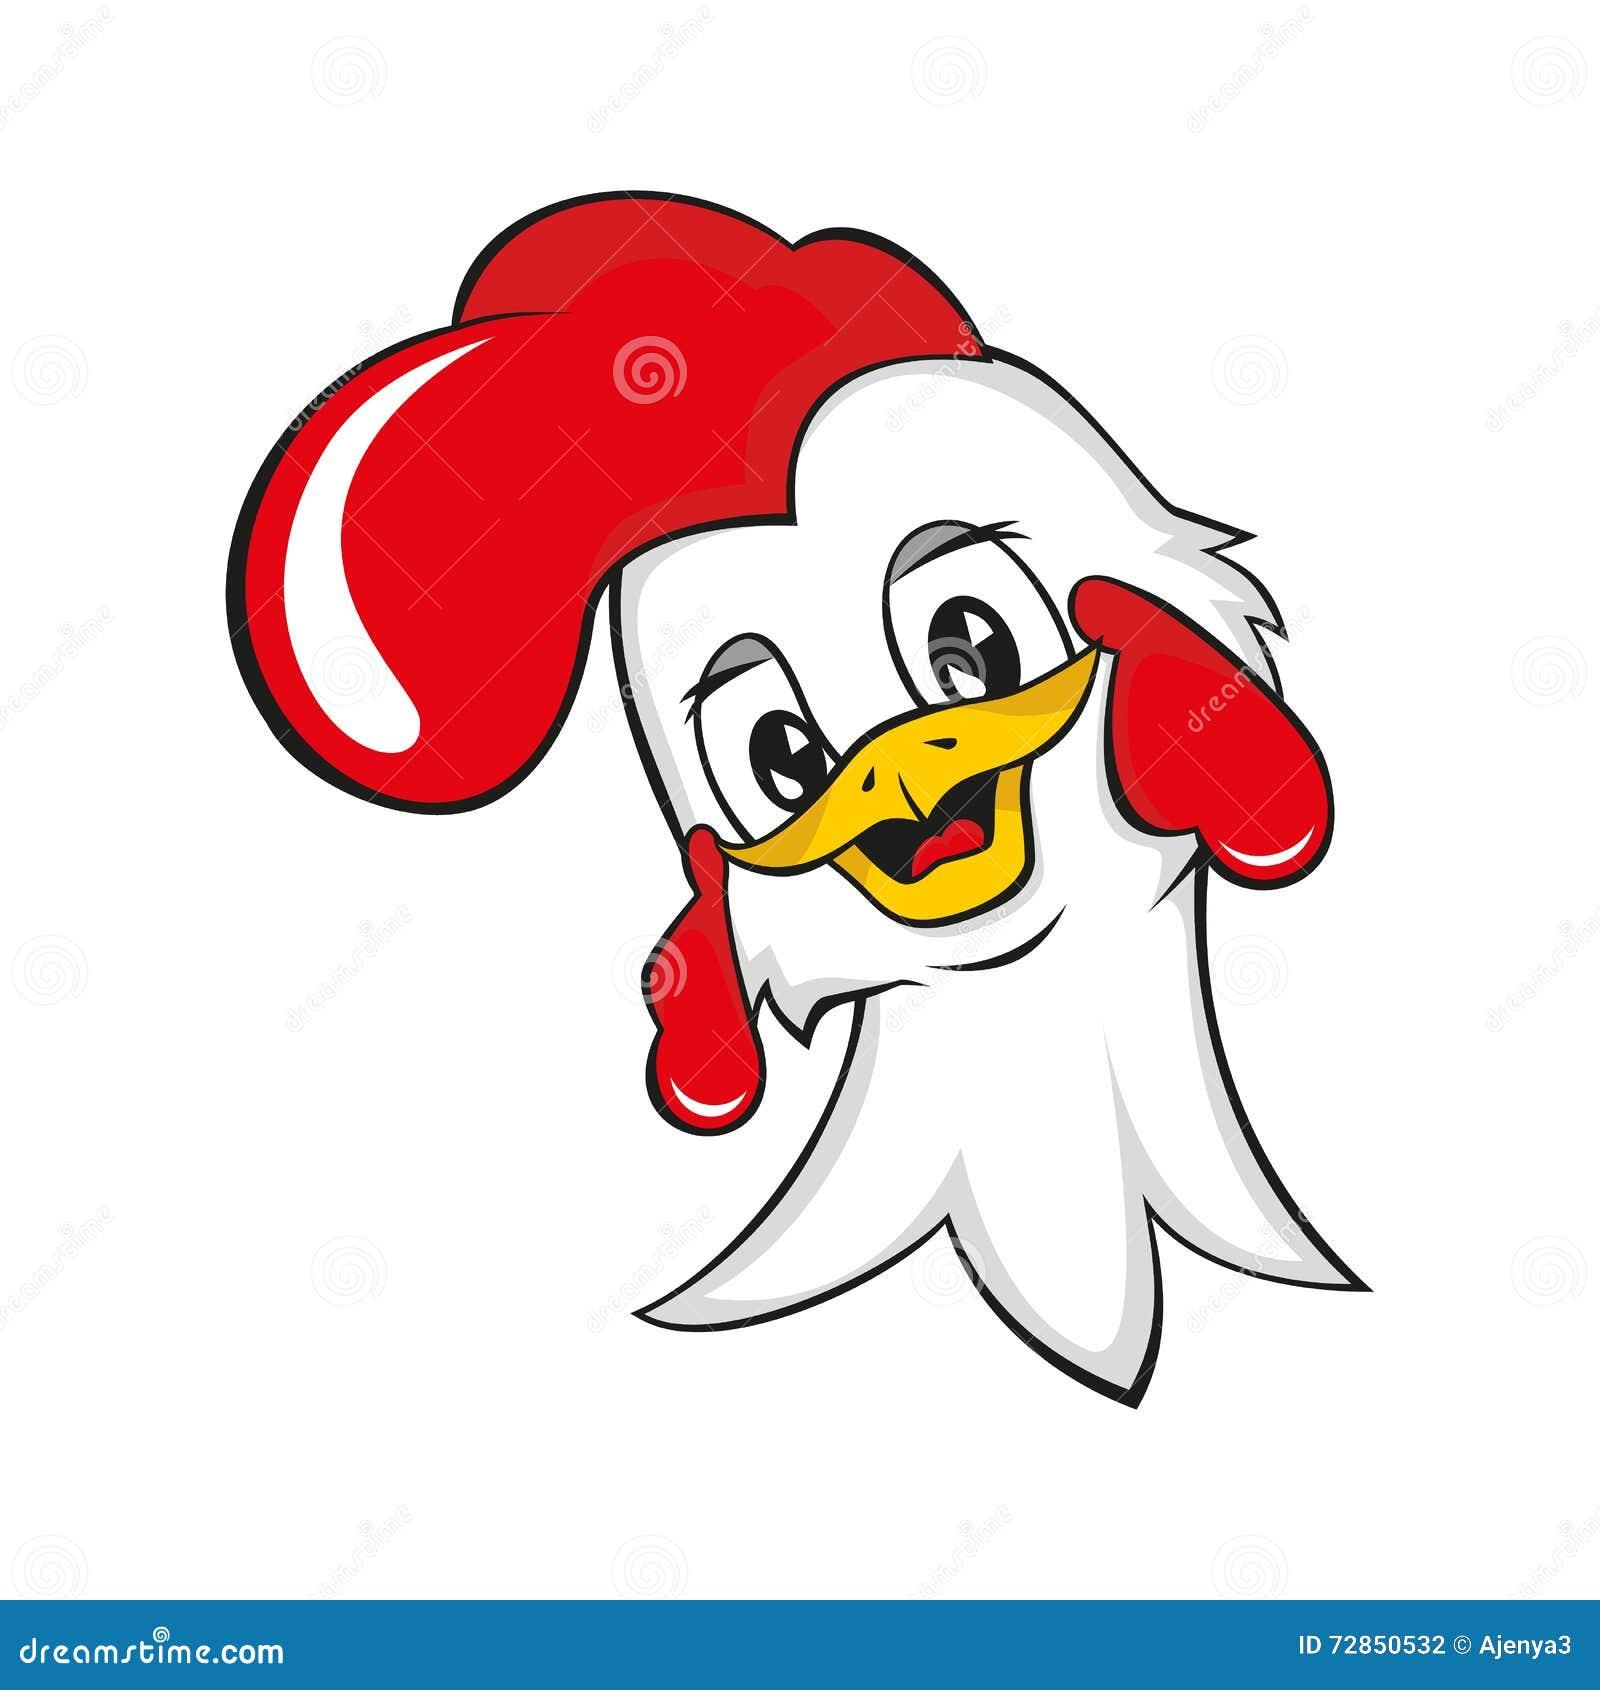 Rooster Head Outline Illustration Vector Illustration ...